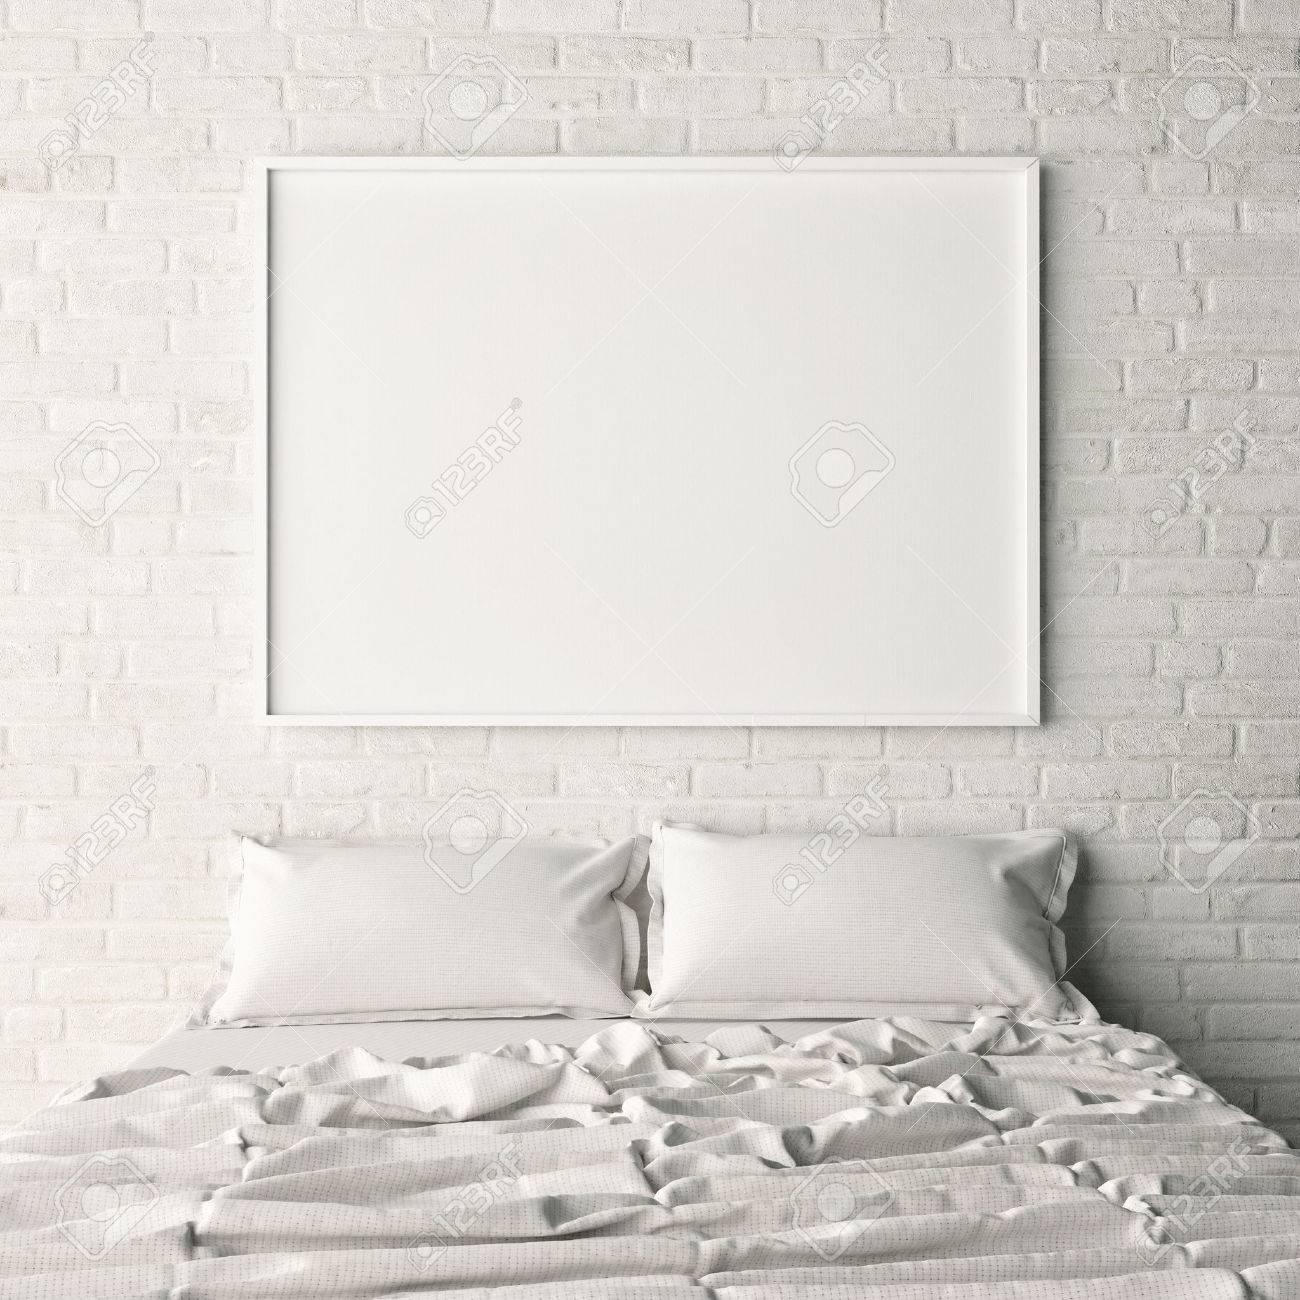 Leere Poster Auf Weissem Backstein Schlafzimmer Wand 3d Illustration